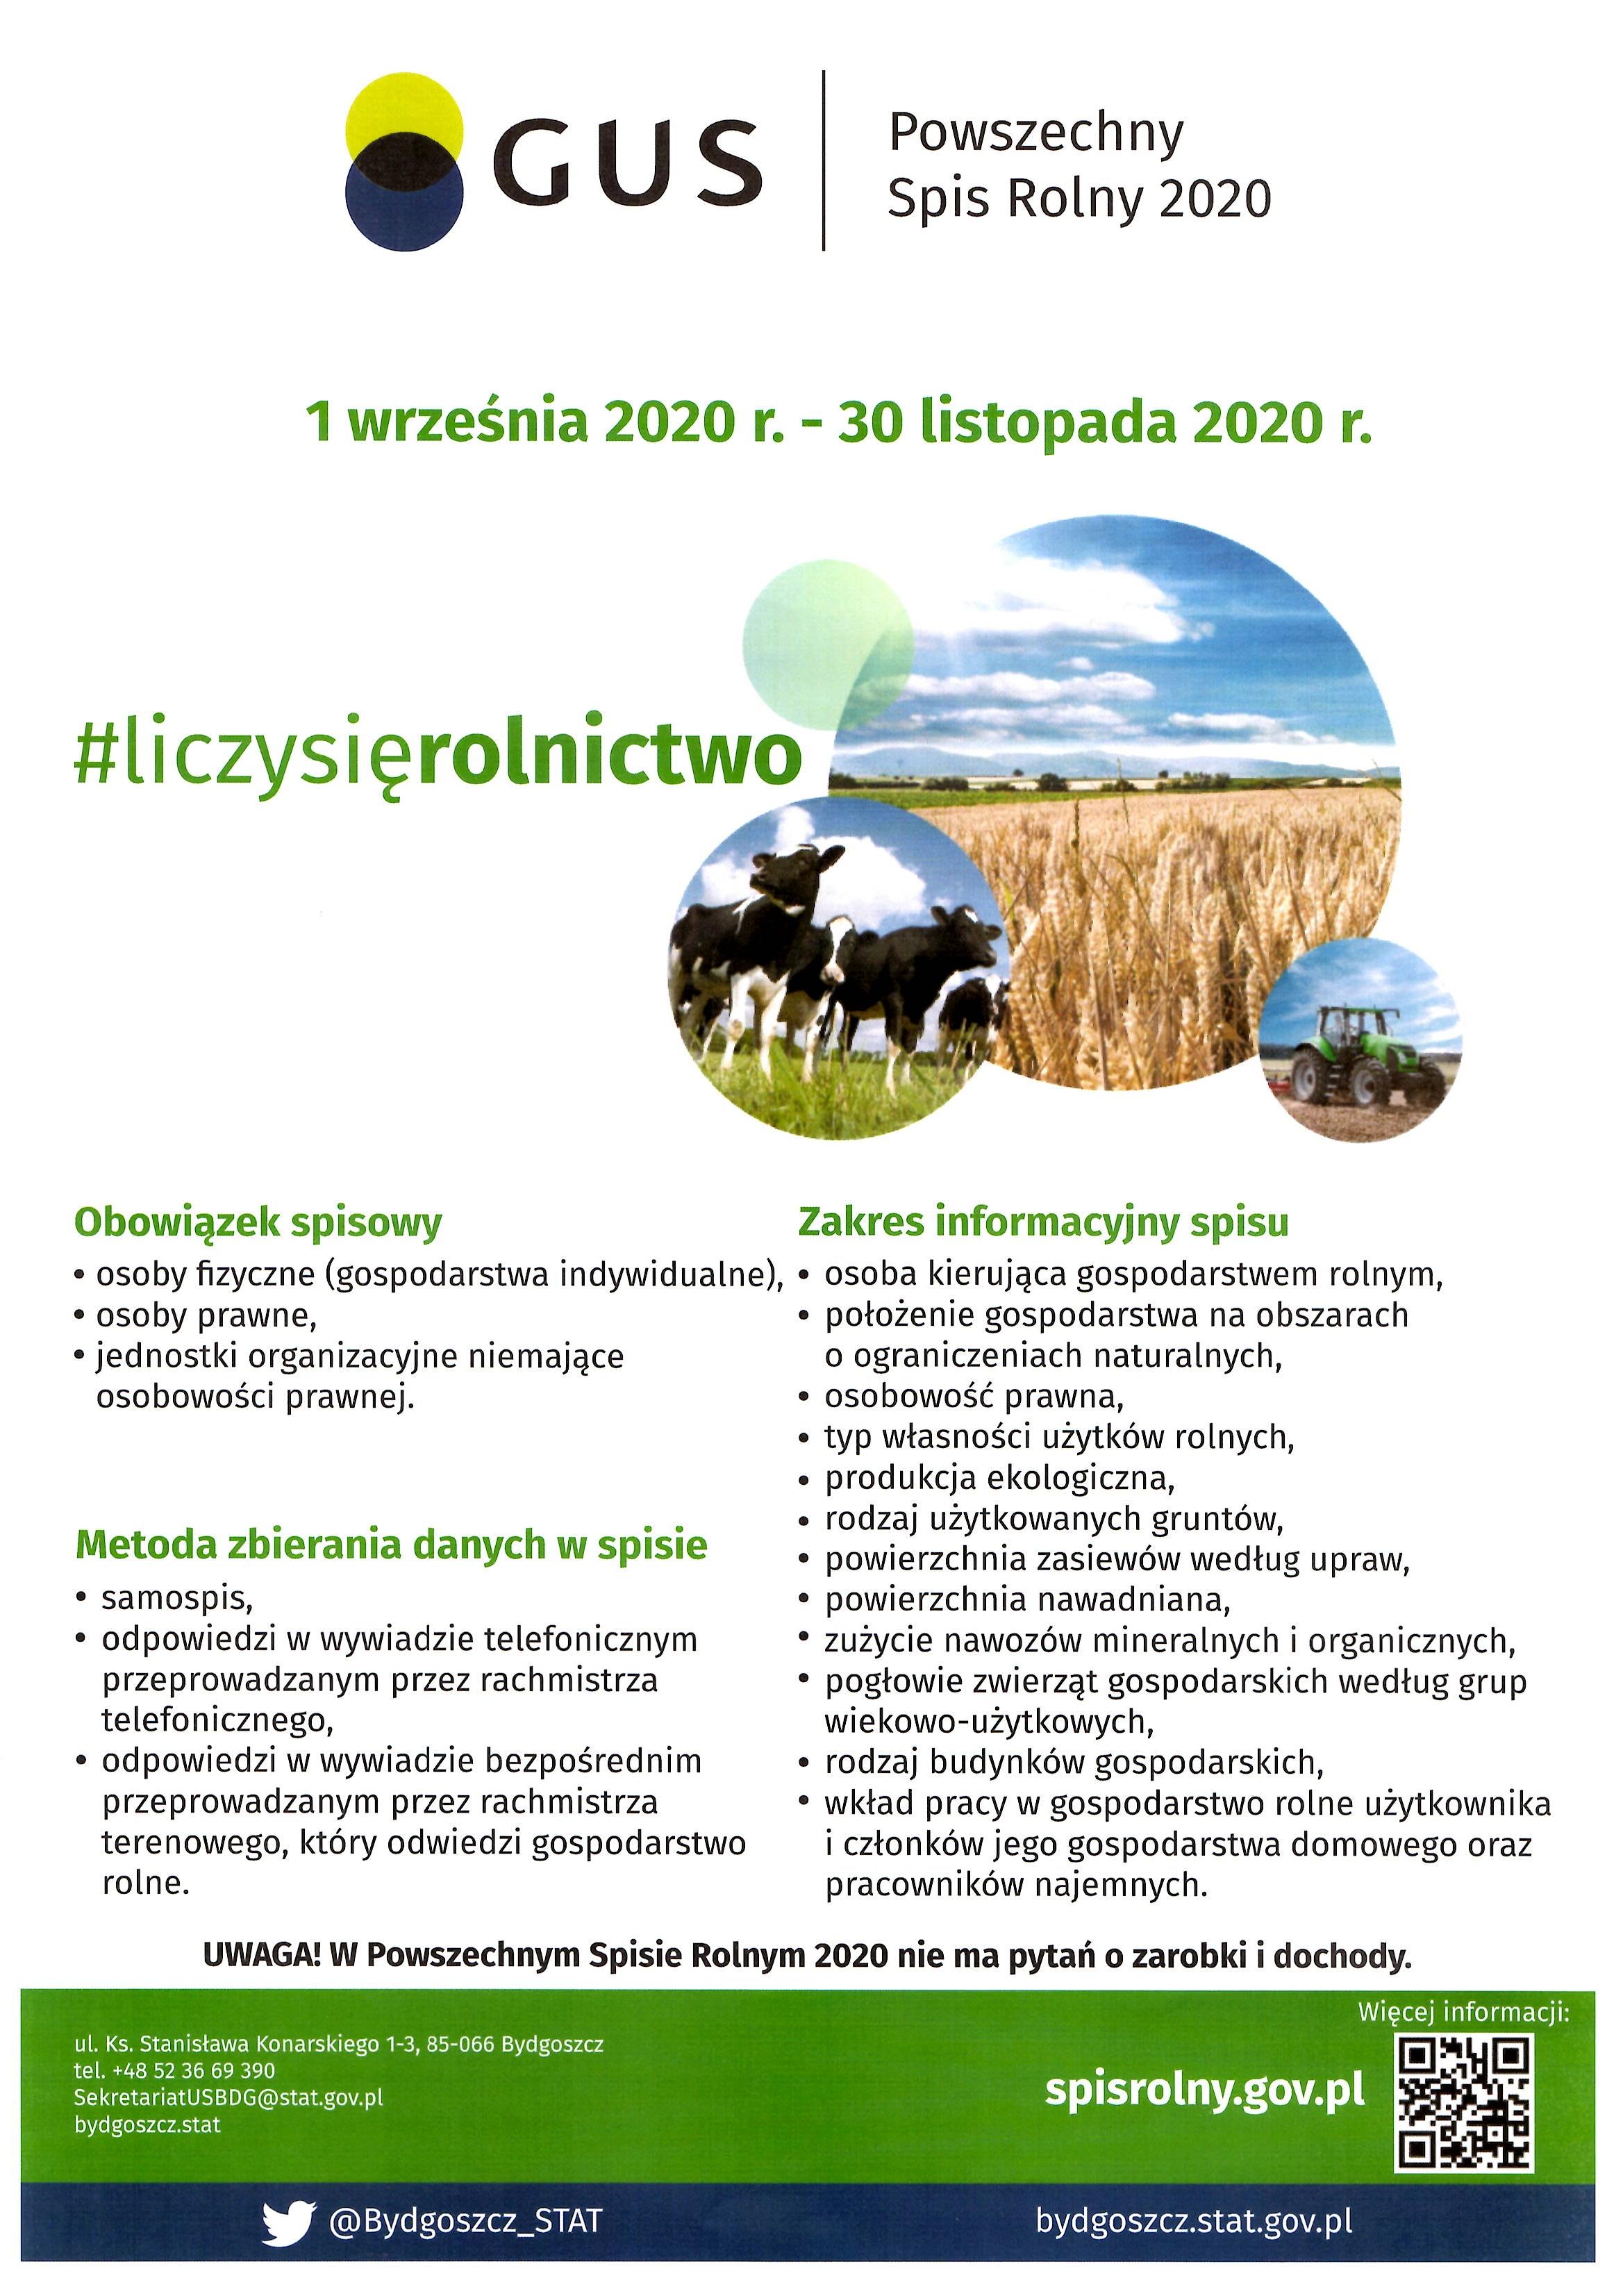 Powszechny Spis Rolny 2020 (1).jpg (2.30 MB)